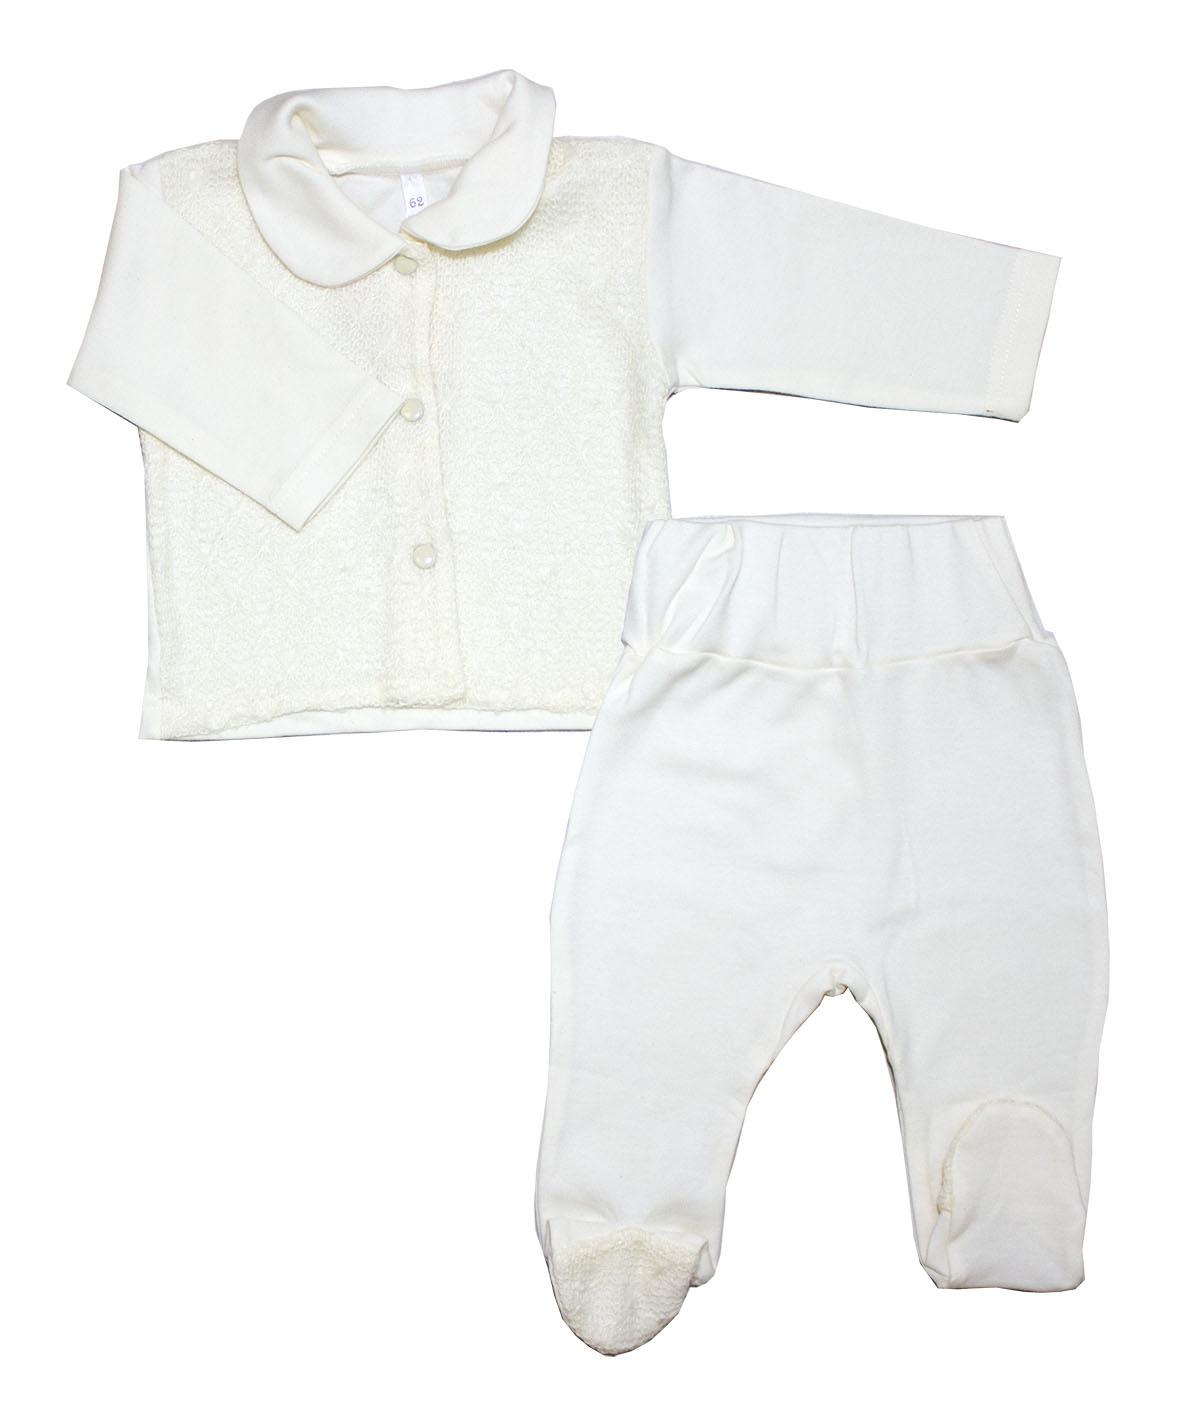 Комплект одежды Осьминожка бежевый р.68